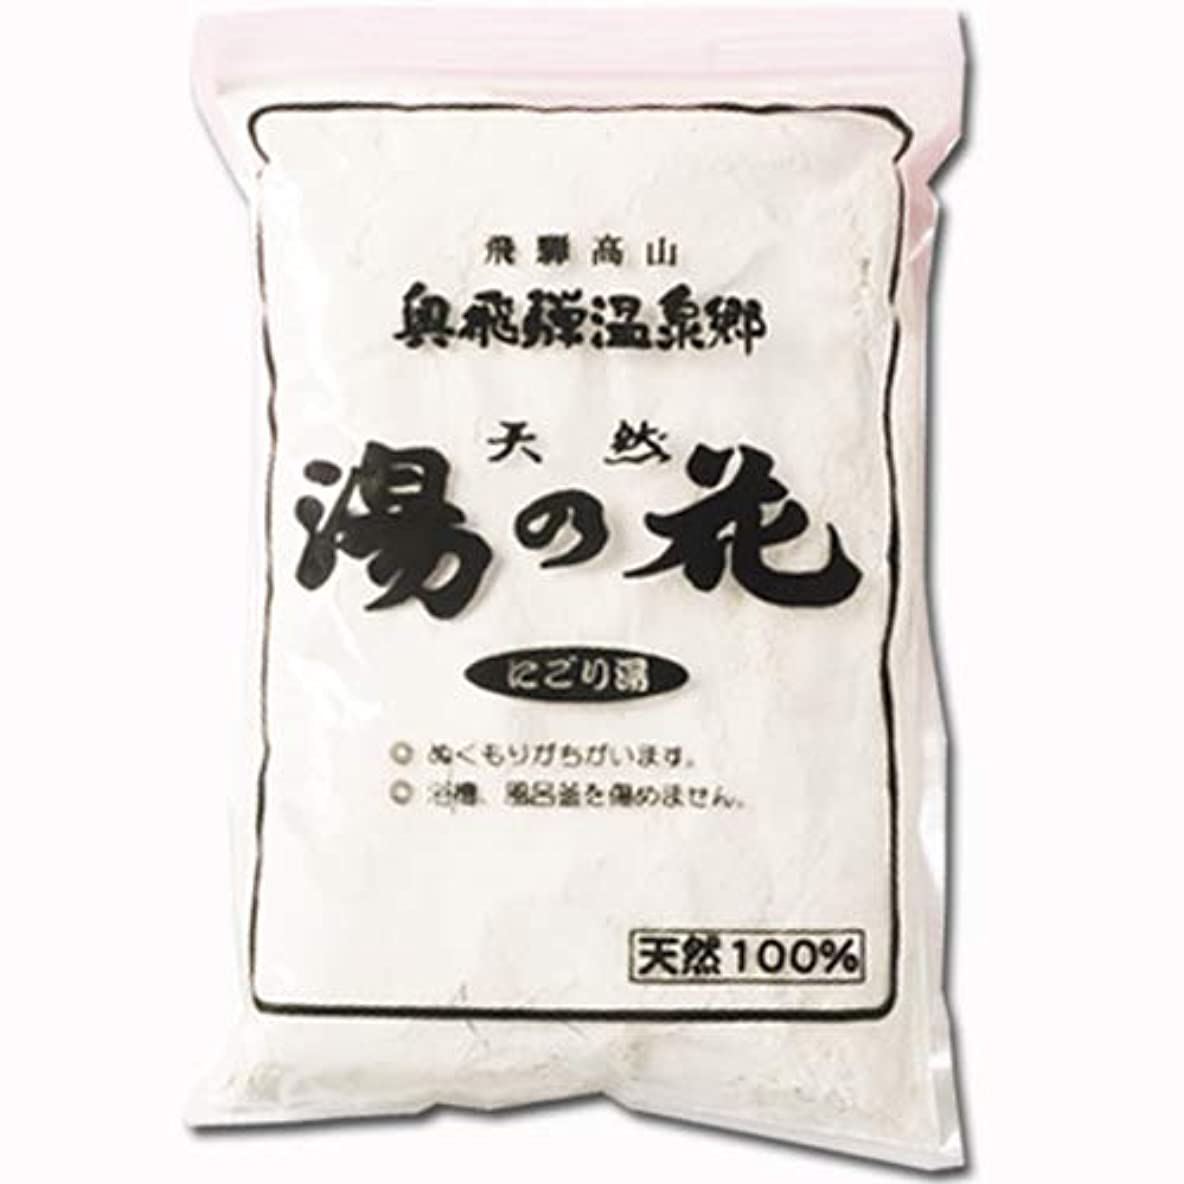 ハリケーンまた明日ねスキニー天然湯の花 (業務用) 1kg (飛騨高山温泉郷 にごり湯)